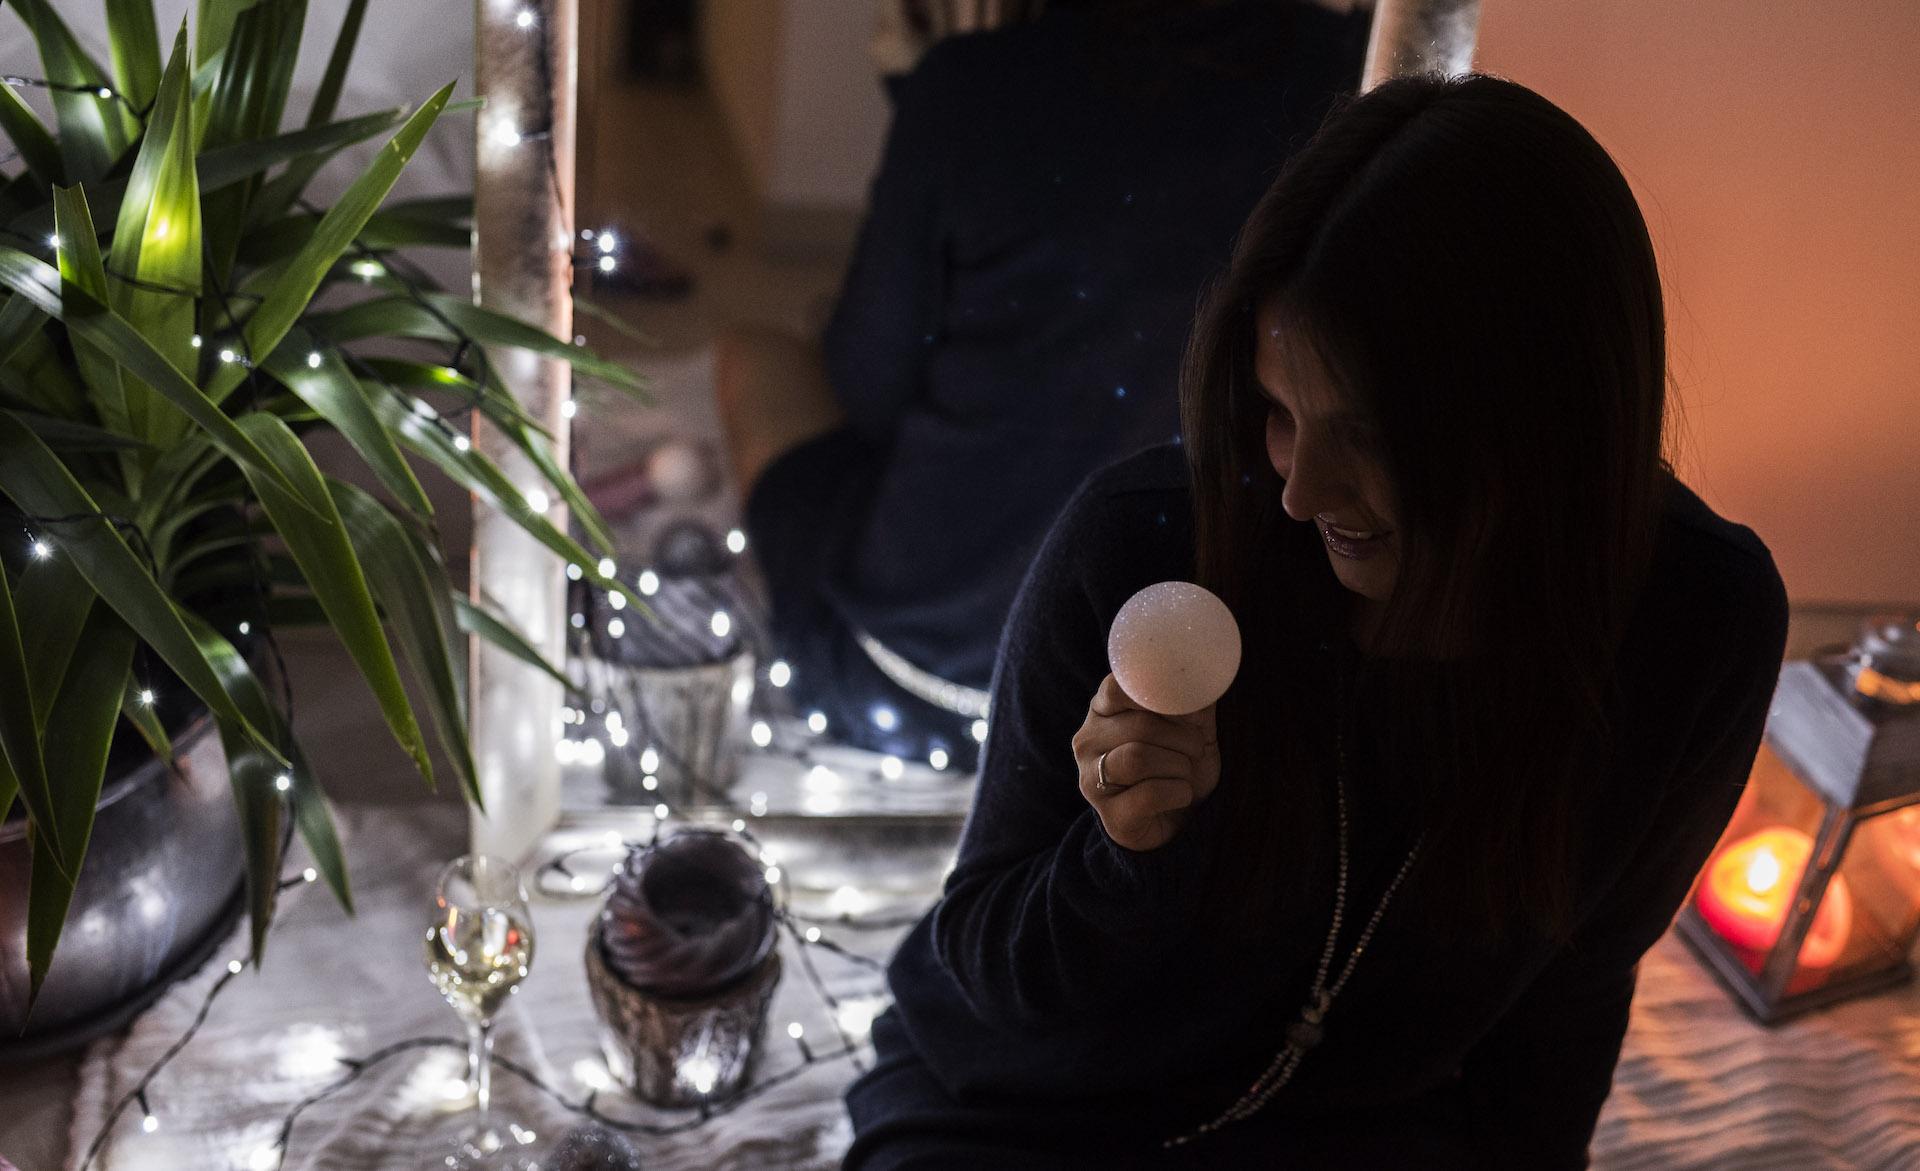 Weihanchtskugel-gemütlich-vorweihnachtszeit